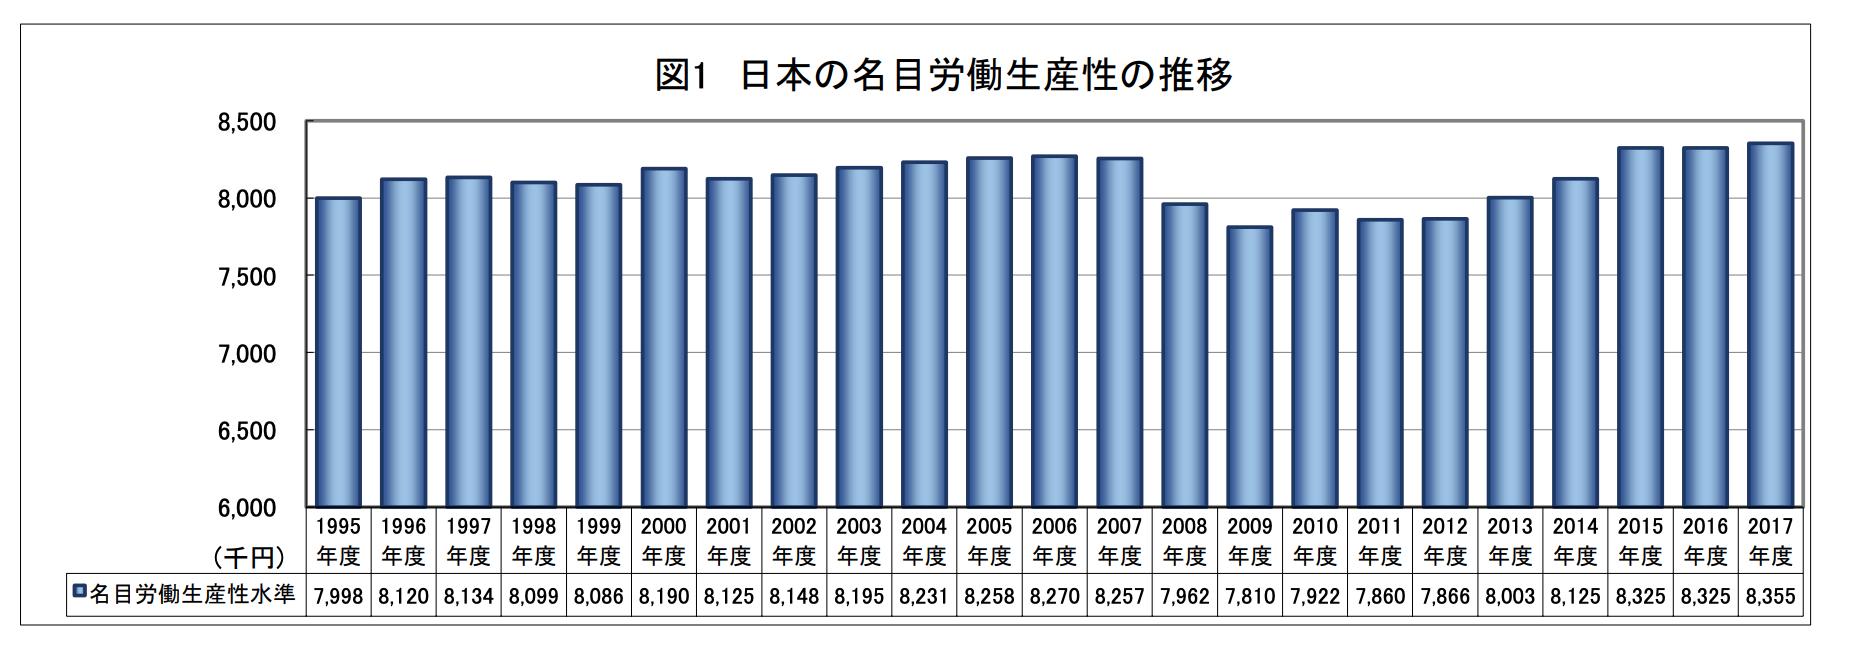 日本の名目労働生産性の推移